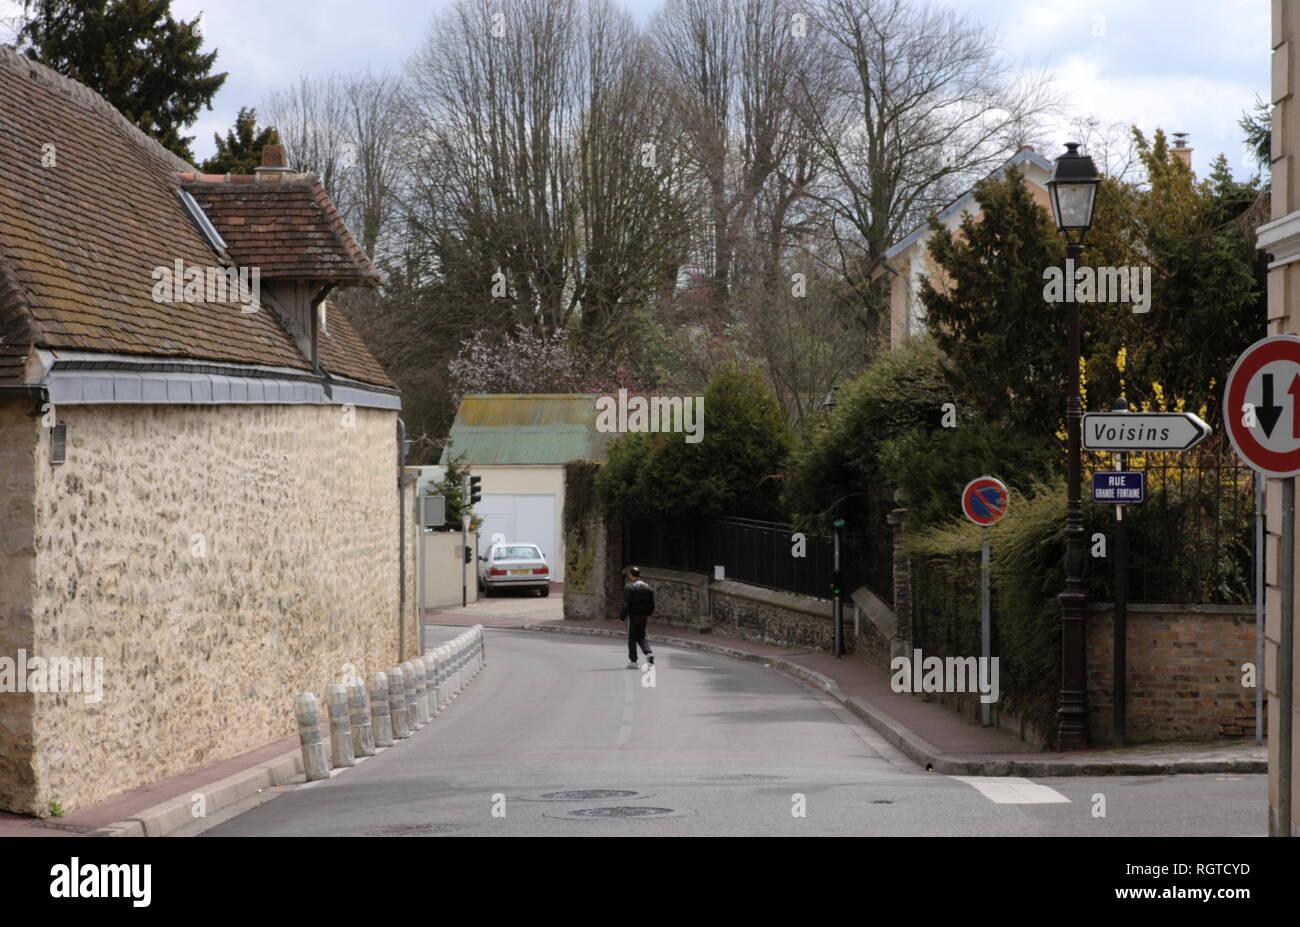 AJAXNETPHOTO. LOUVECIENNES, FRANCE. - Les chemins DU VILLAGE - Saisie de Louveciennes, ENDROITS DE PEINTURES PAR 19E SIÈCLE artistes impressionnistes comme Alfred Sisley et Camille PISSARRO QUAND LES Banlieues d'aujourd'hui PAYS ÉTAIENT LES VILLAGES. PHOTO:JONATHAN EASTLAND REF:R60904_284 Banque D'Images